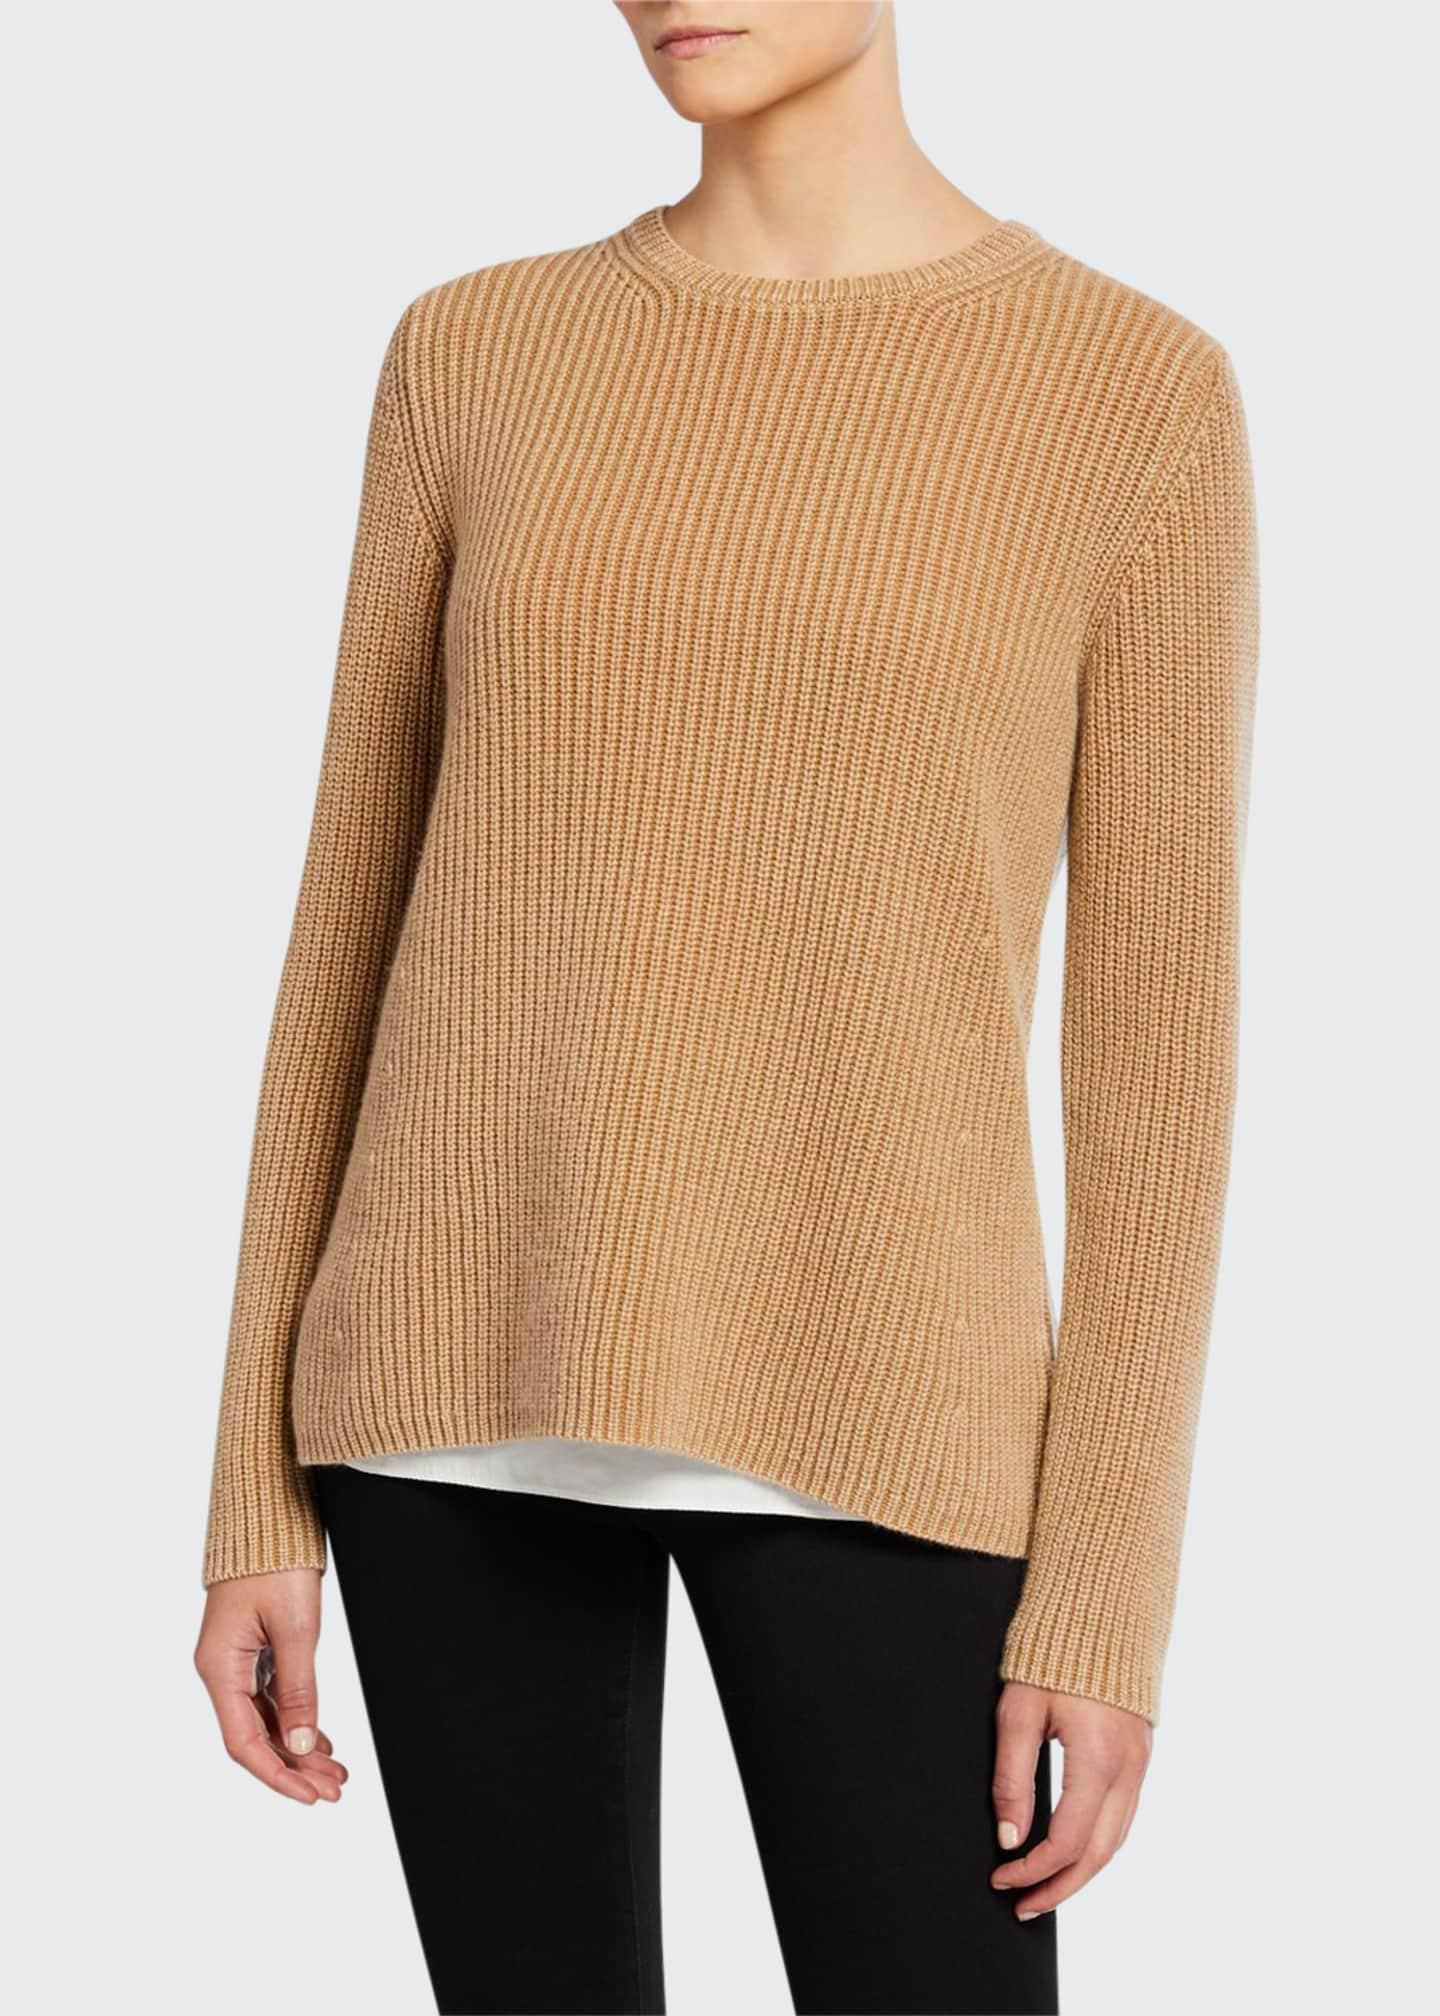 Iris Von Arnim Sessanio Crewneck Stonewashed Cashmere Sweater